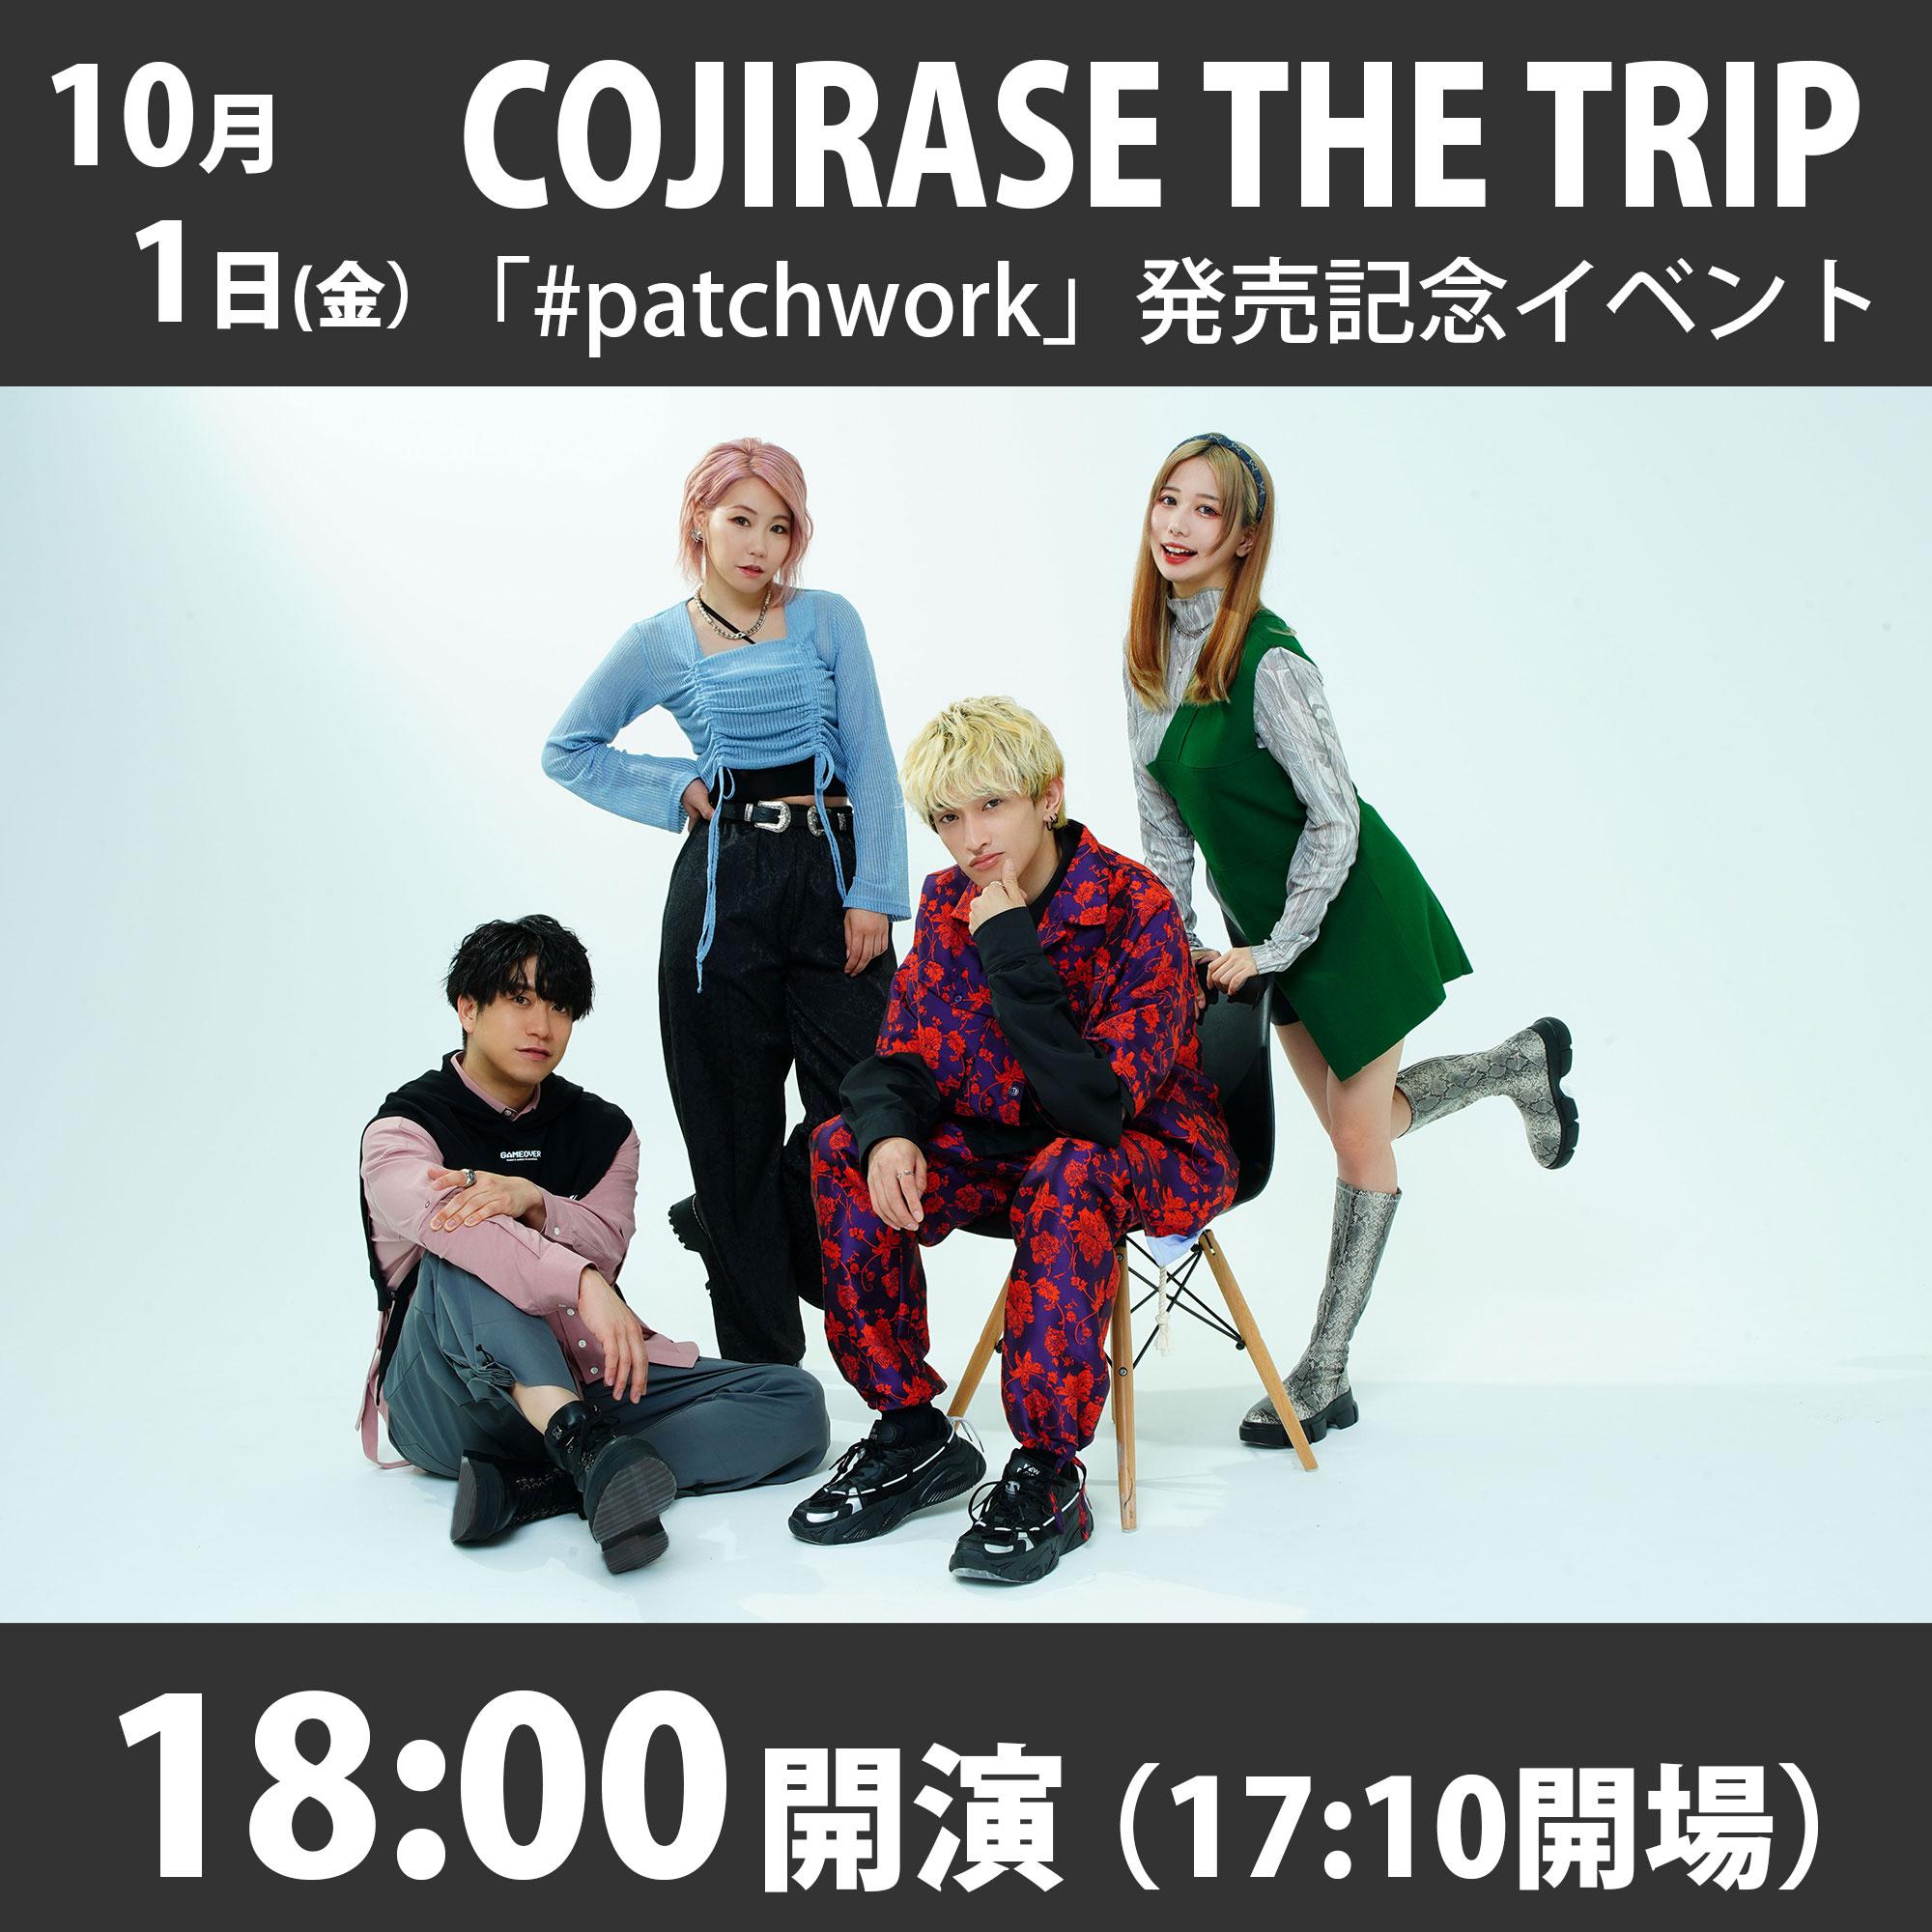 10/1(金)「COJIRASE THE TRIP / #patchwork」発売記念イベント